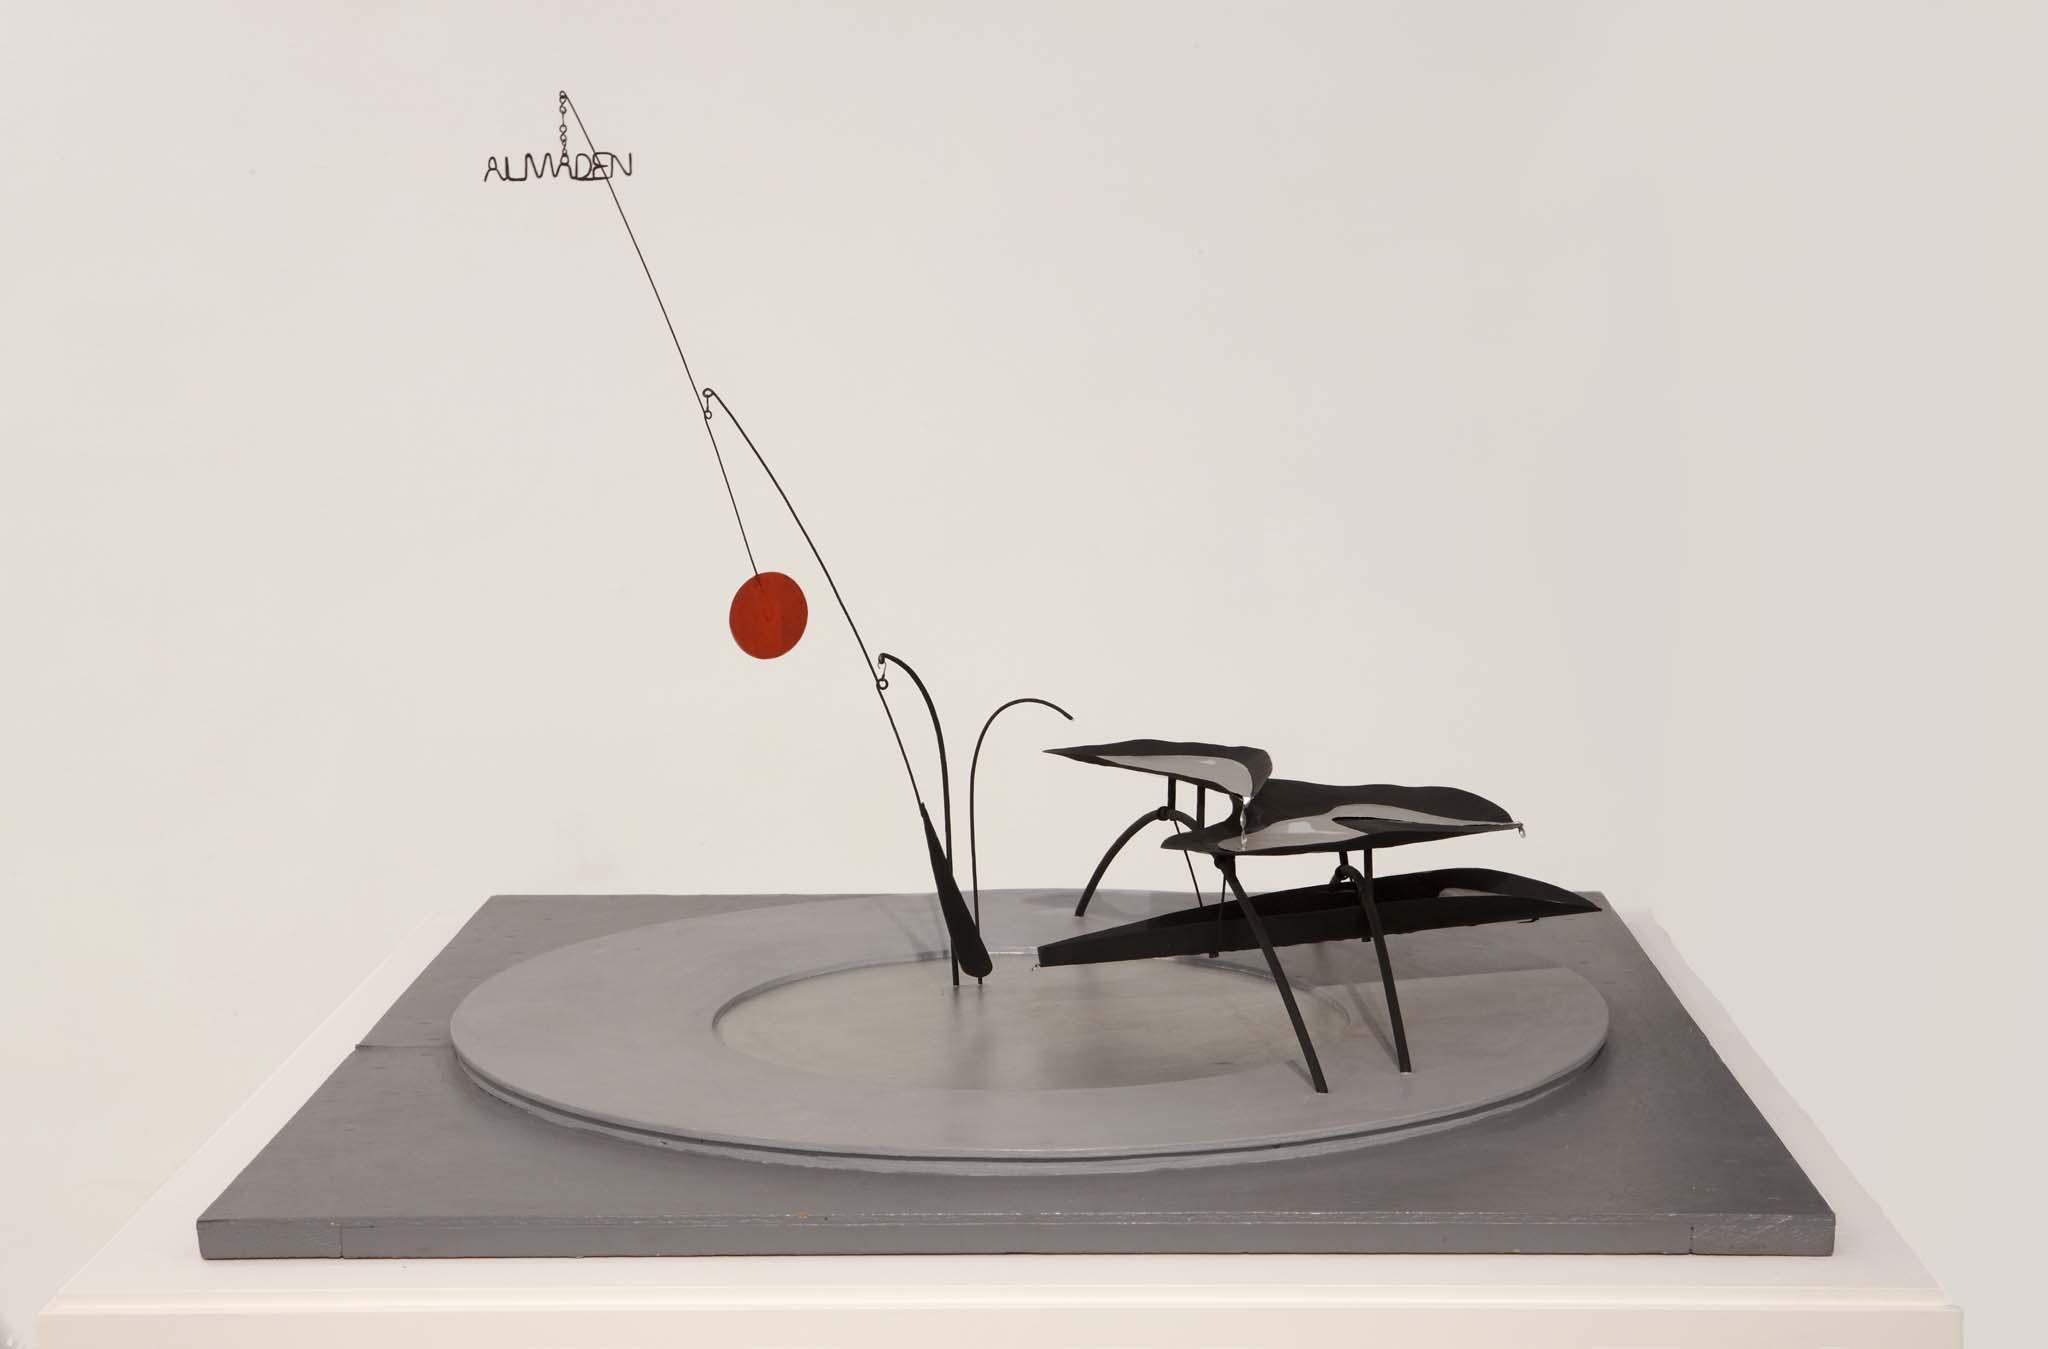 Alexander Calder, fontana di mercurio